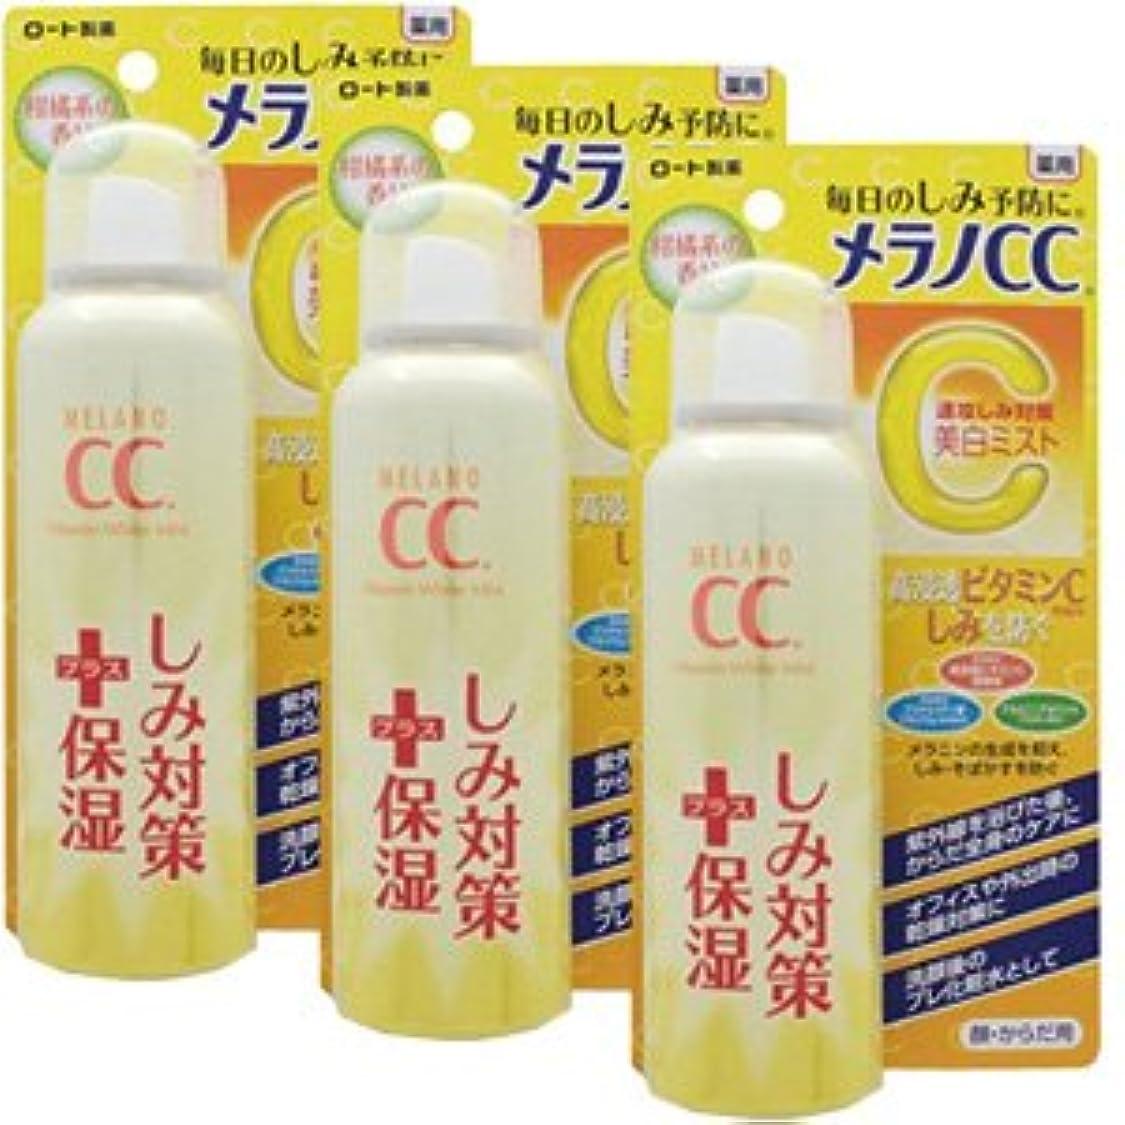 存在孤独な方向【3個】メラノCC 薬用しみ対策美白ミスト化粧水 100gx3個